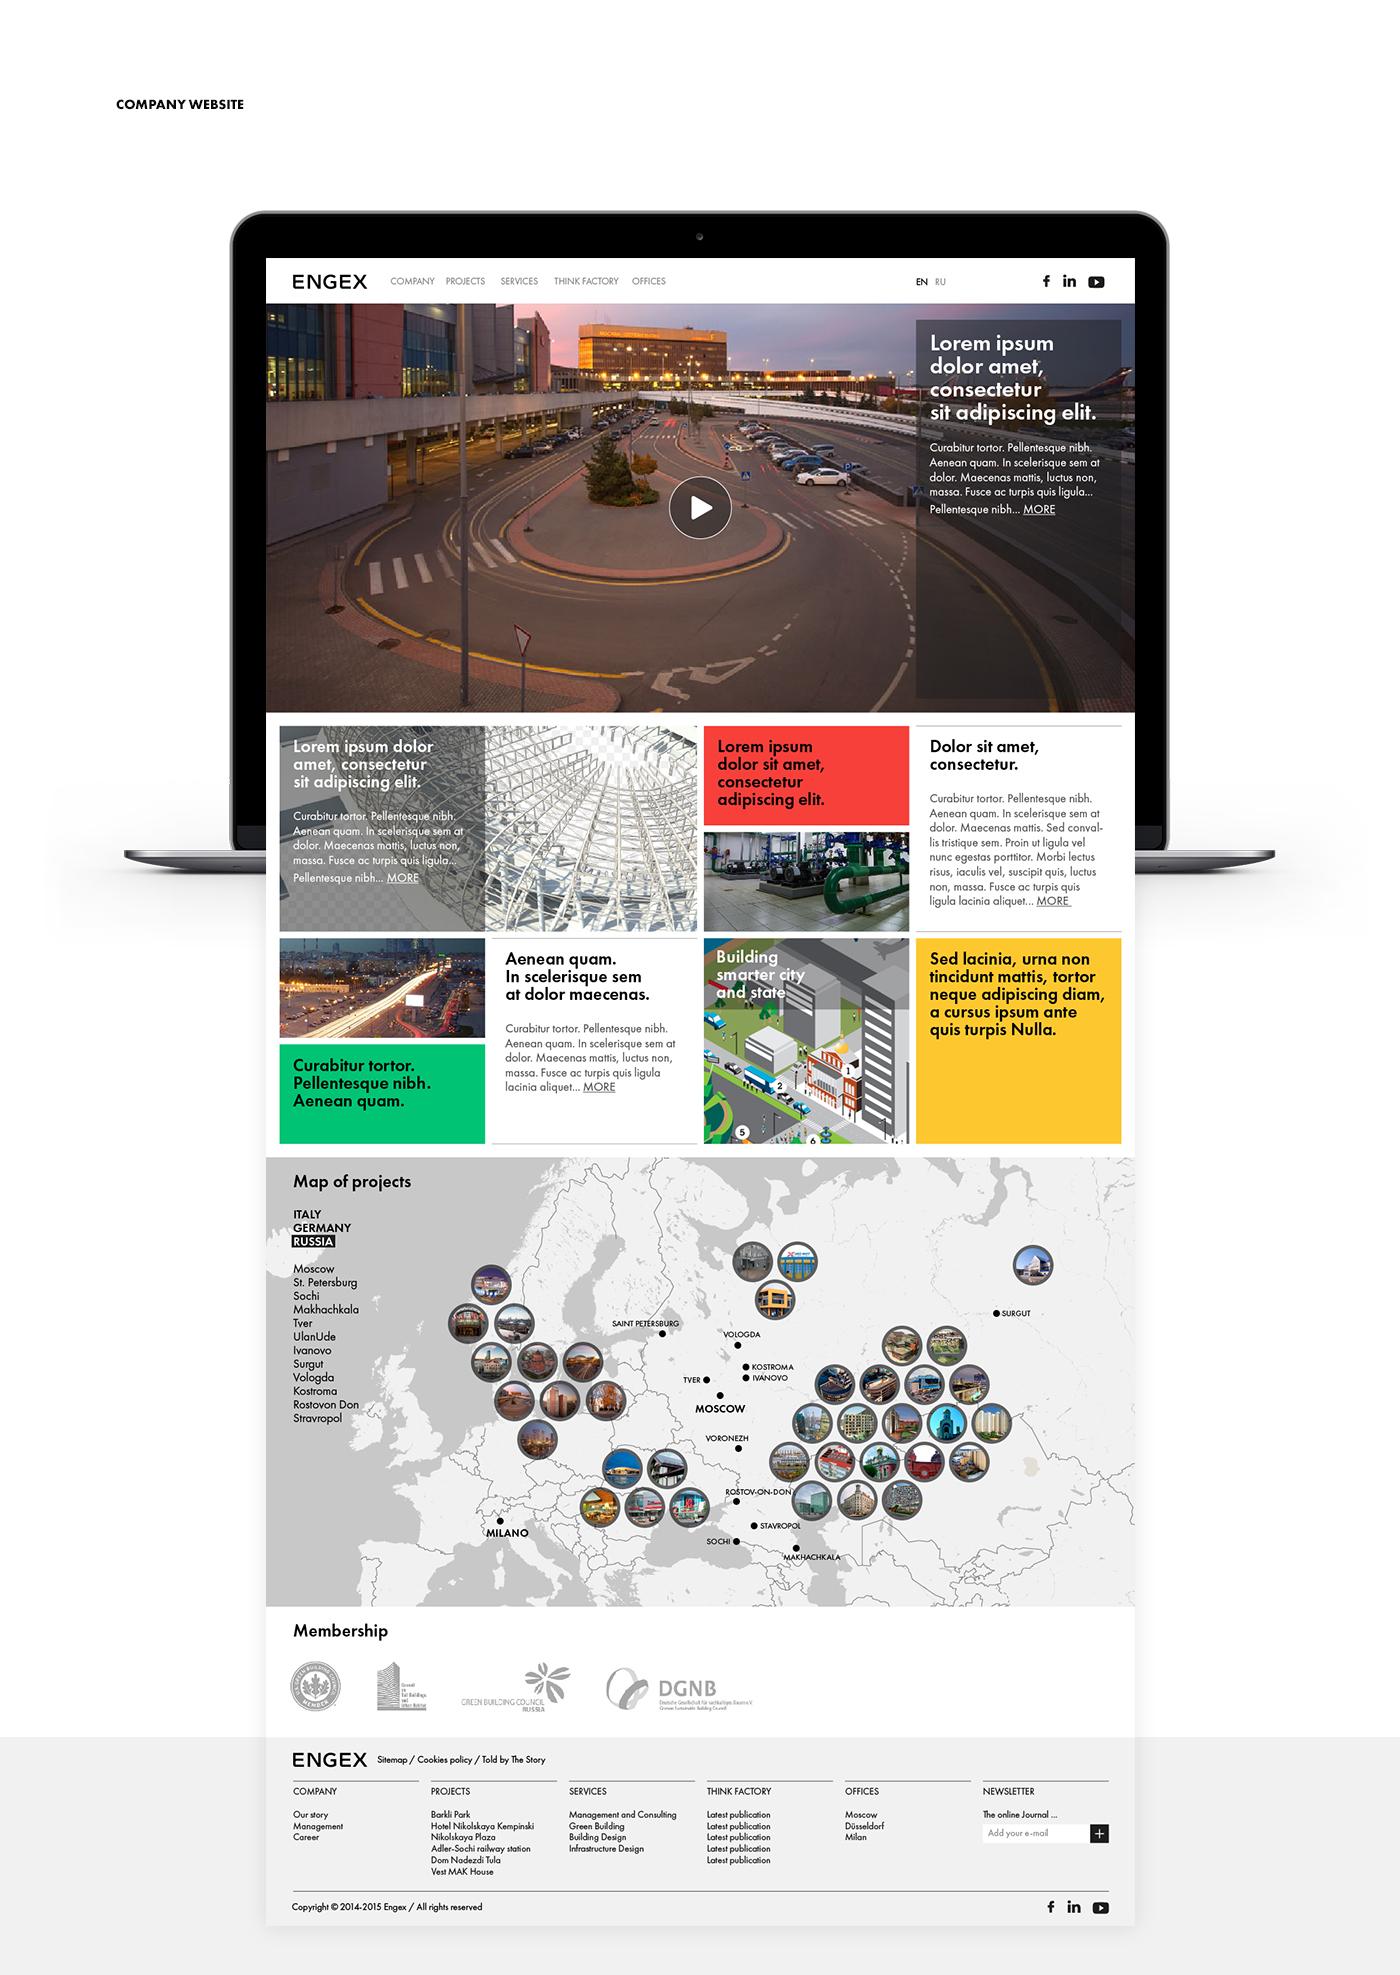 Nowy serwis internetowy Engex oparty o nową identyfikację wizualną